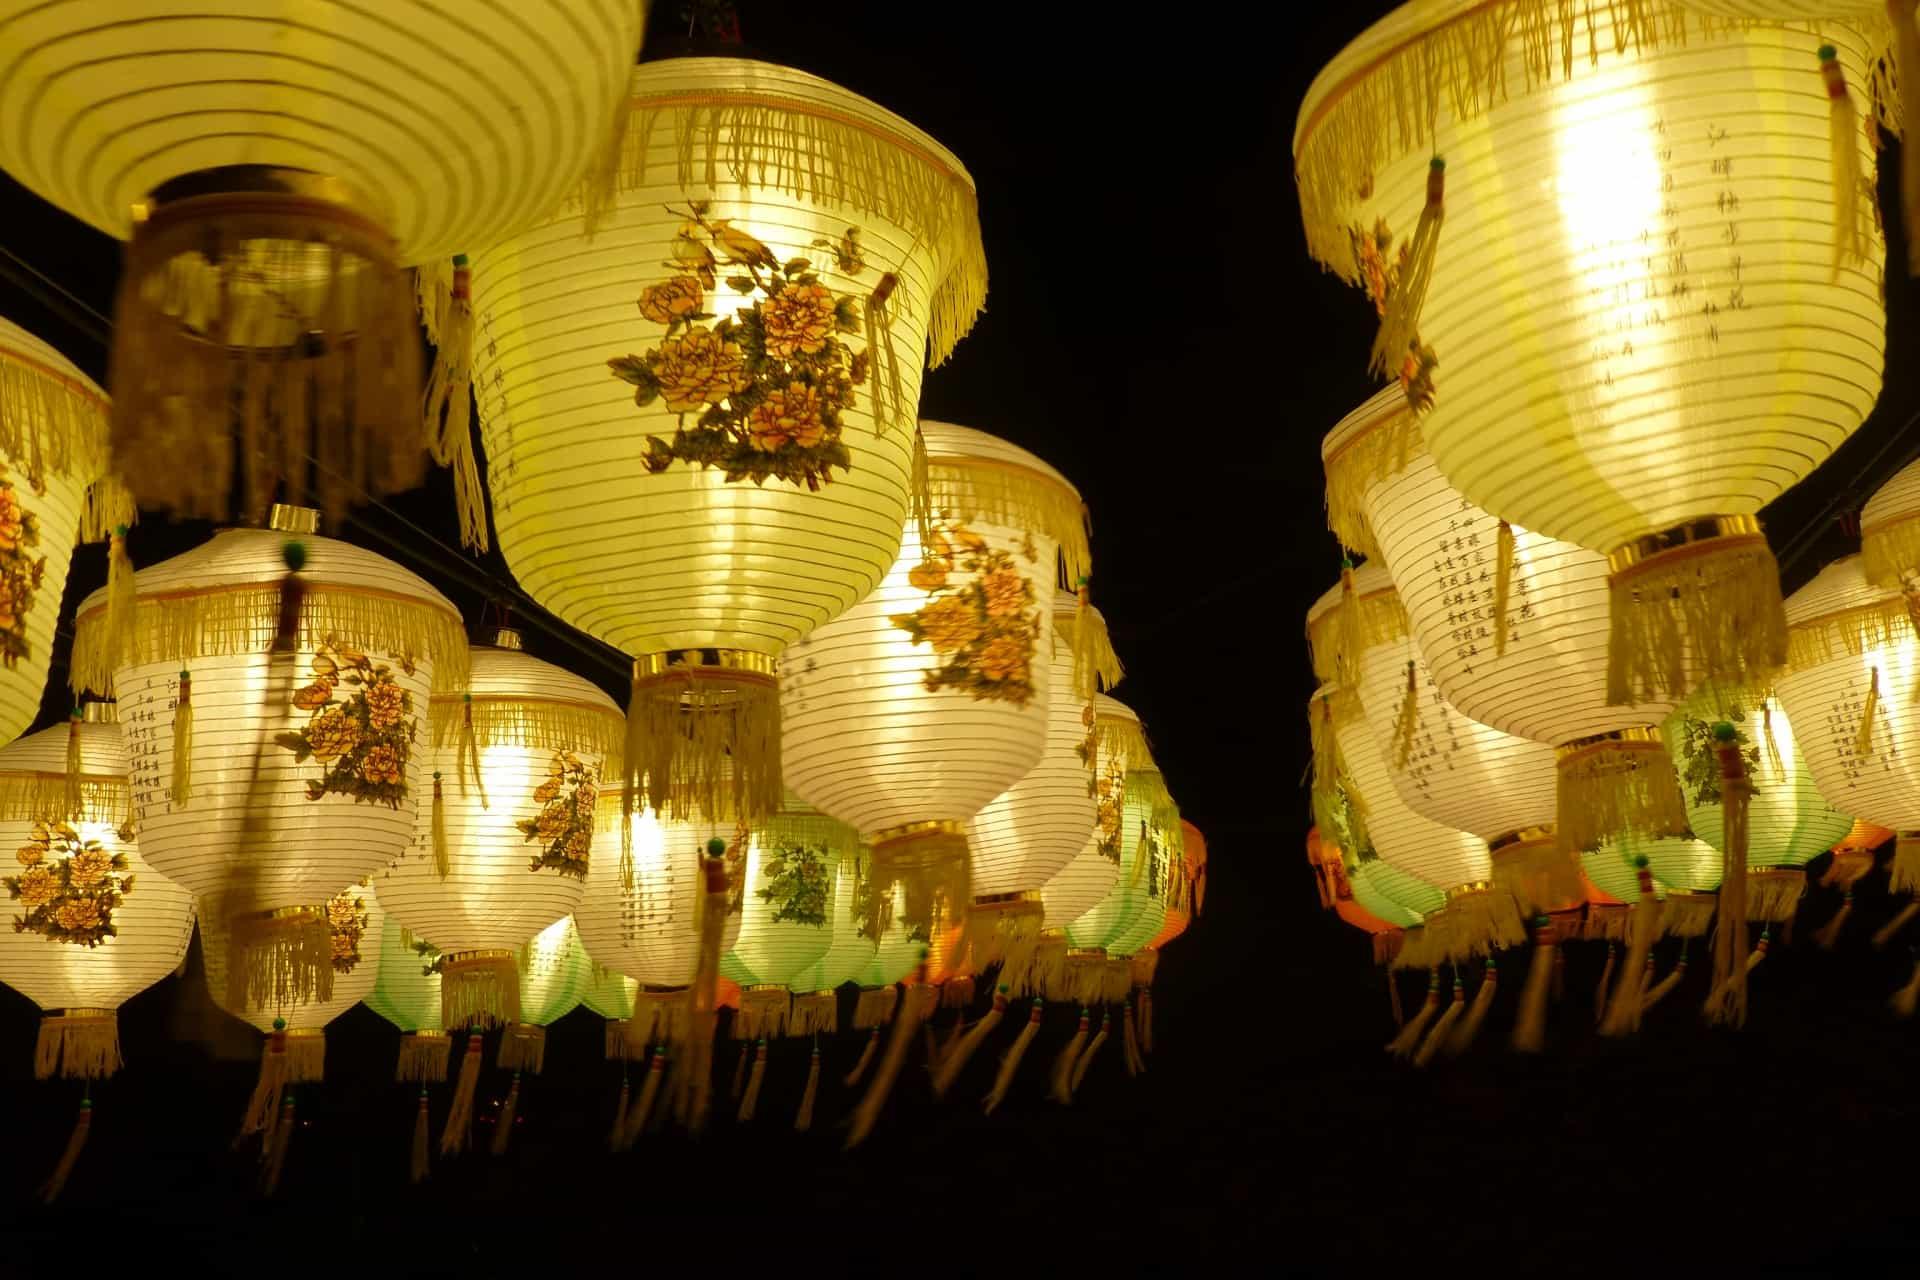 เทศกาลโคมริวกิว (Ryukyu Lantern Festival) โอกินาว่า